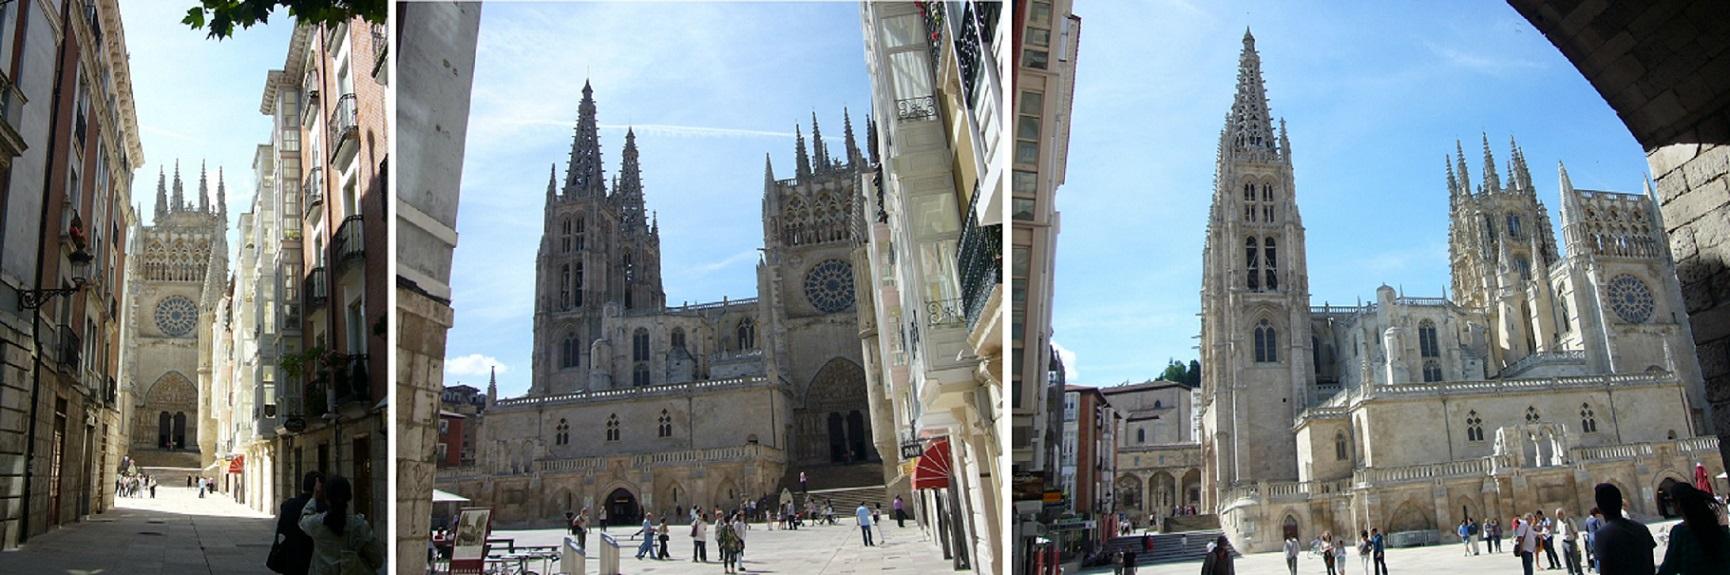 Catedral de Santa María, Burgos  weepingredorger